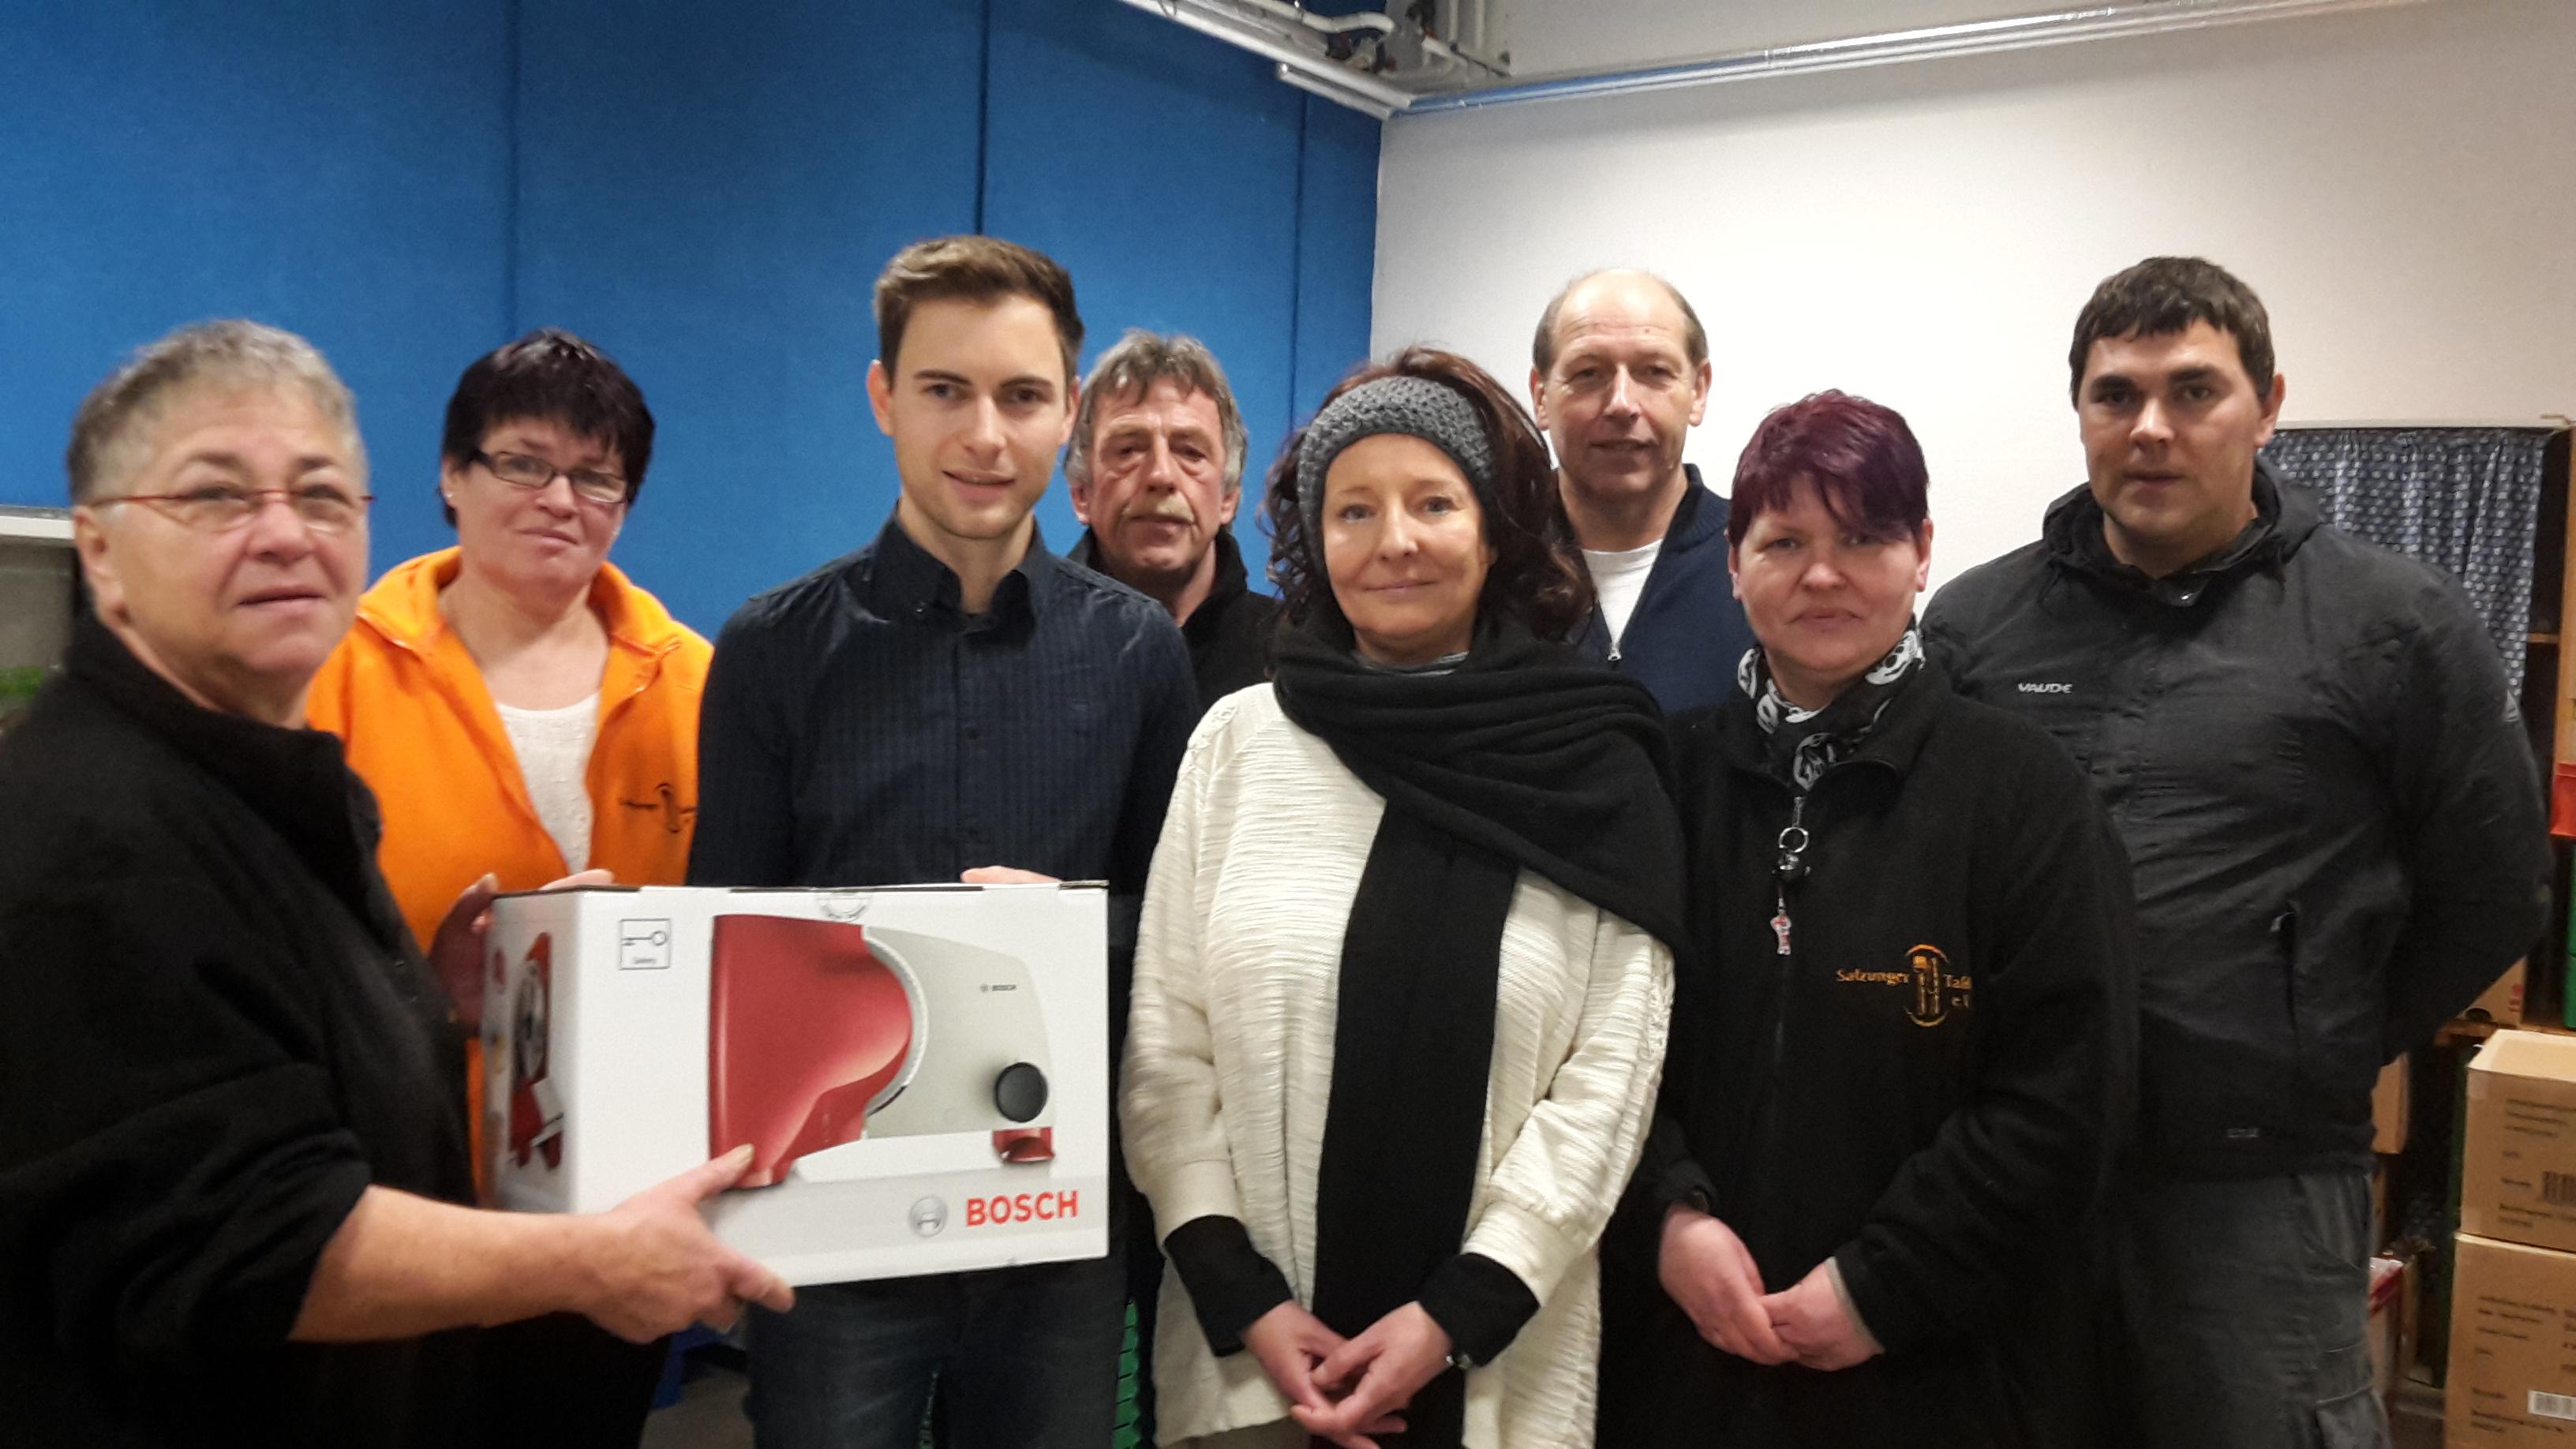 Der SPD Kreisvorstand überreicht die Brotmaschine an die Mitglieder der Salzunger Tafel e.V.